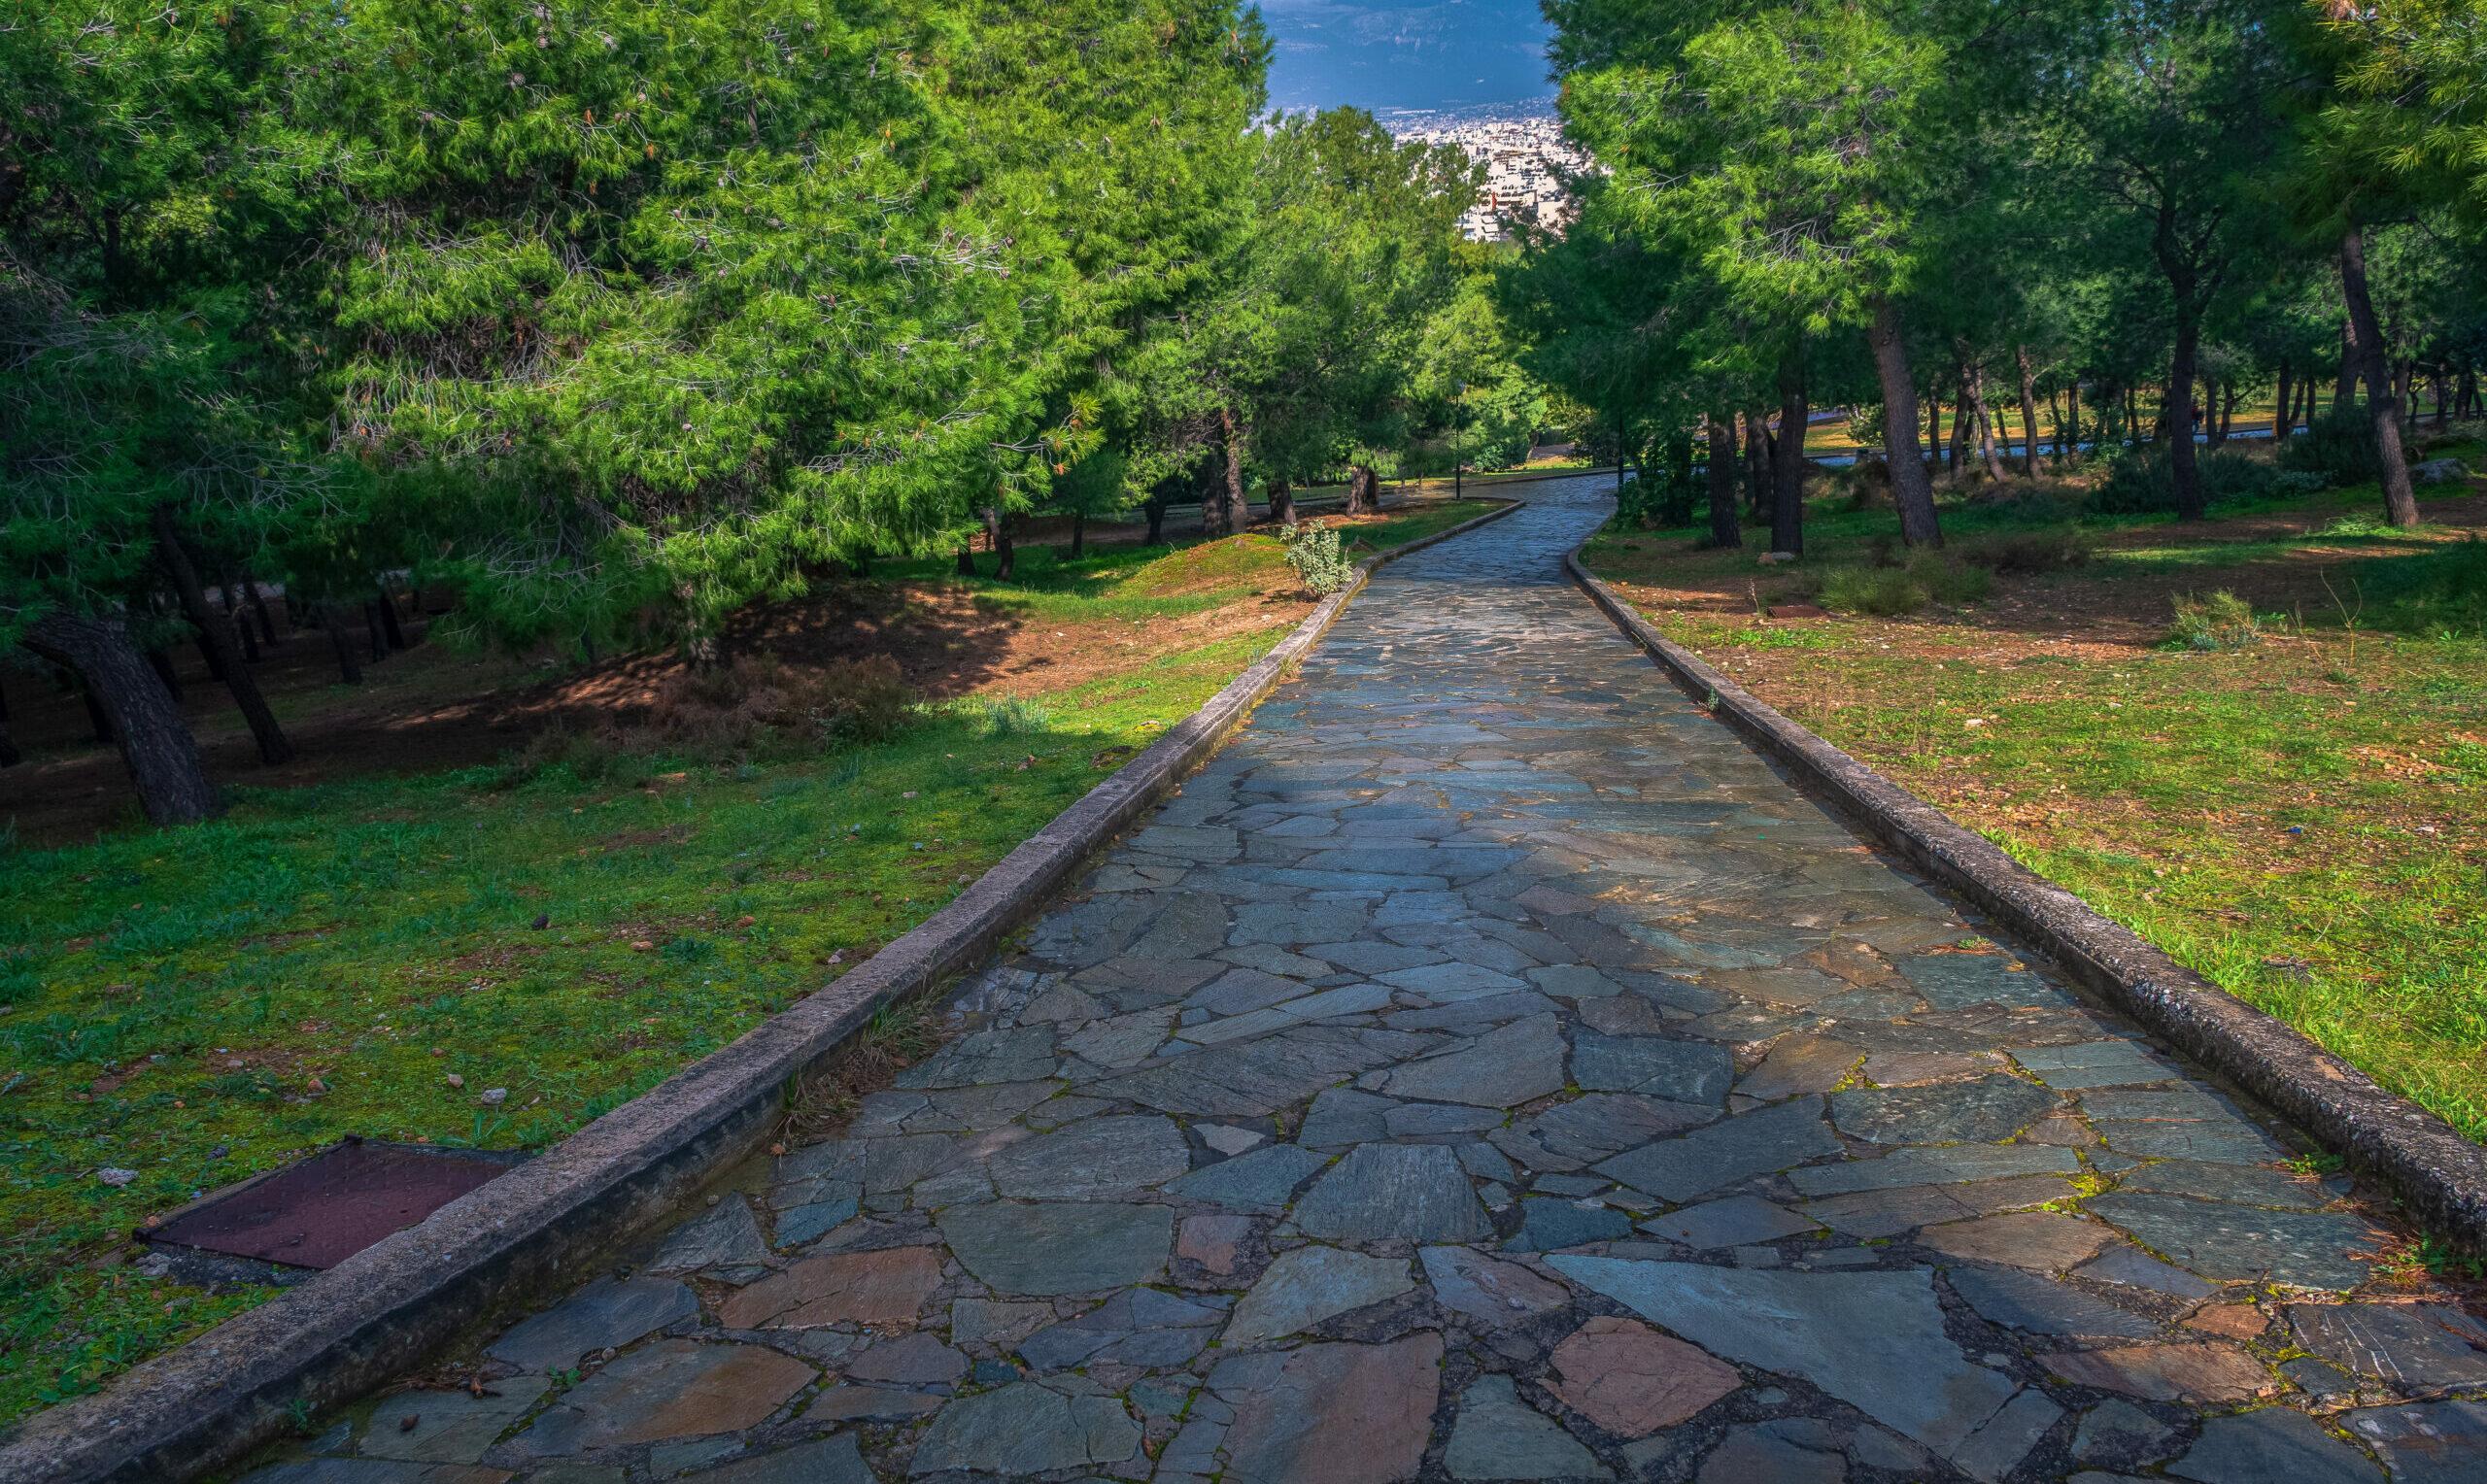 Veikos Grove: The favorite green destination of Athens